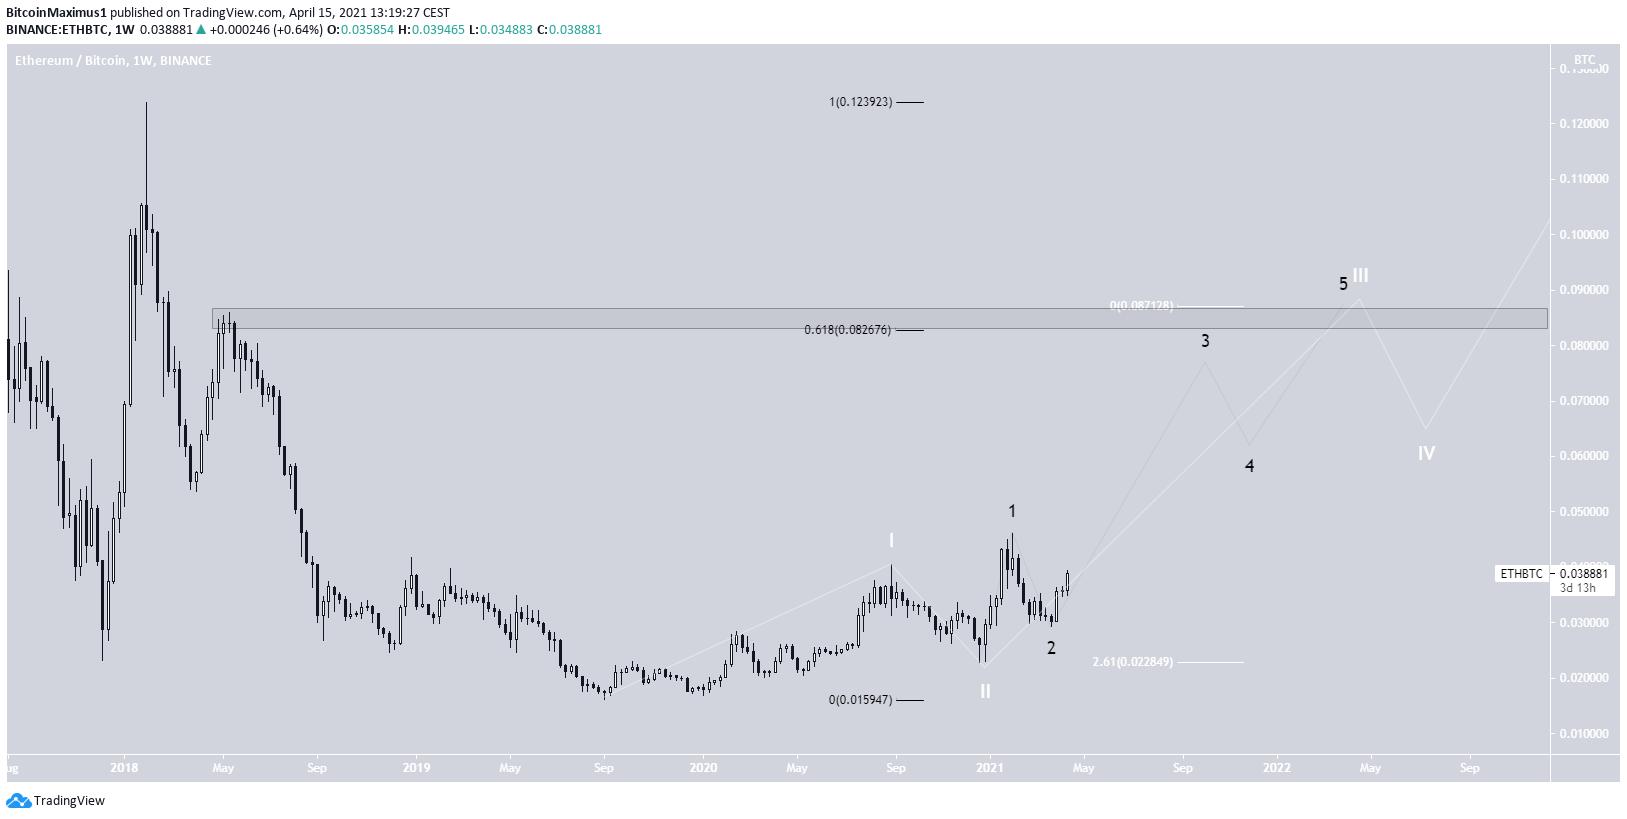 ETH/BTC Wave Count